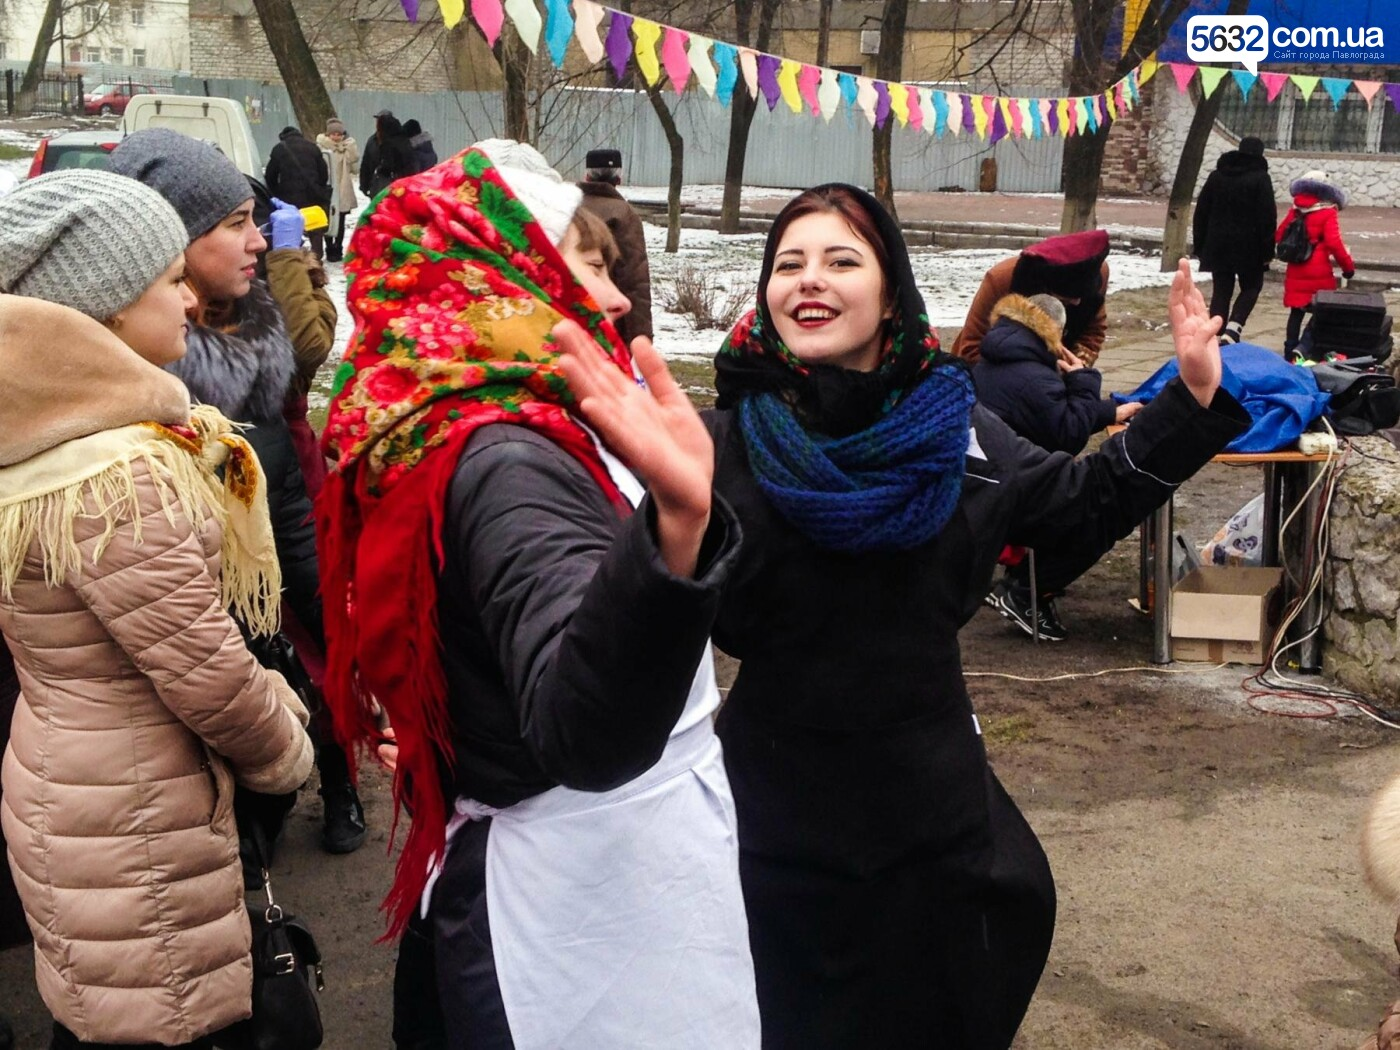 Павлоградцы устроили на Масленицу настоящие народные гулянья, фото-8